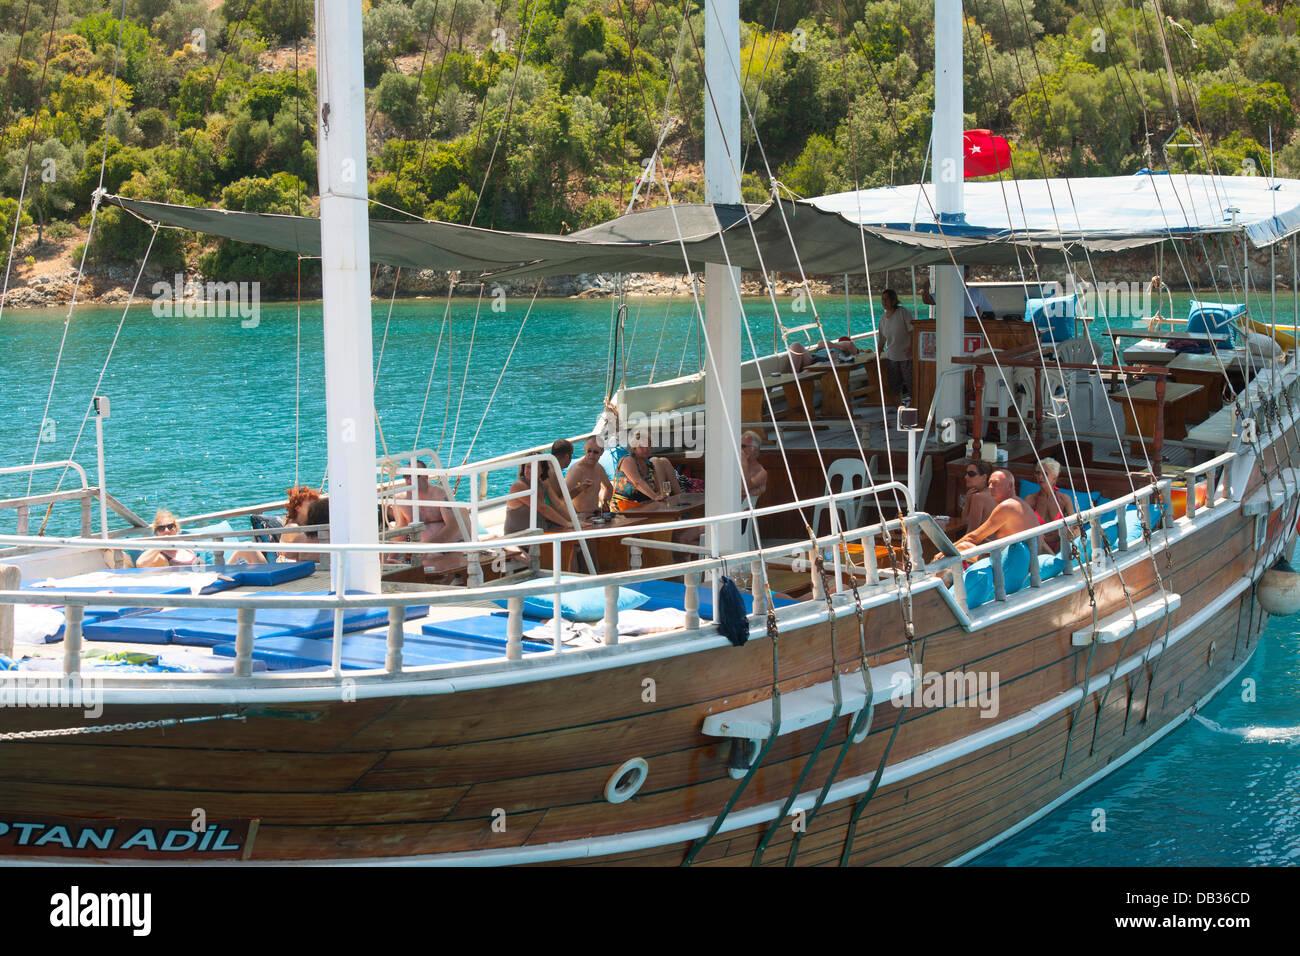 Türkei, Provinz Mugla, Göcek, Blaue Reise - Stock Image